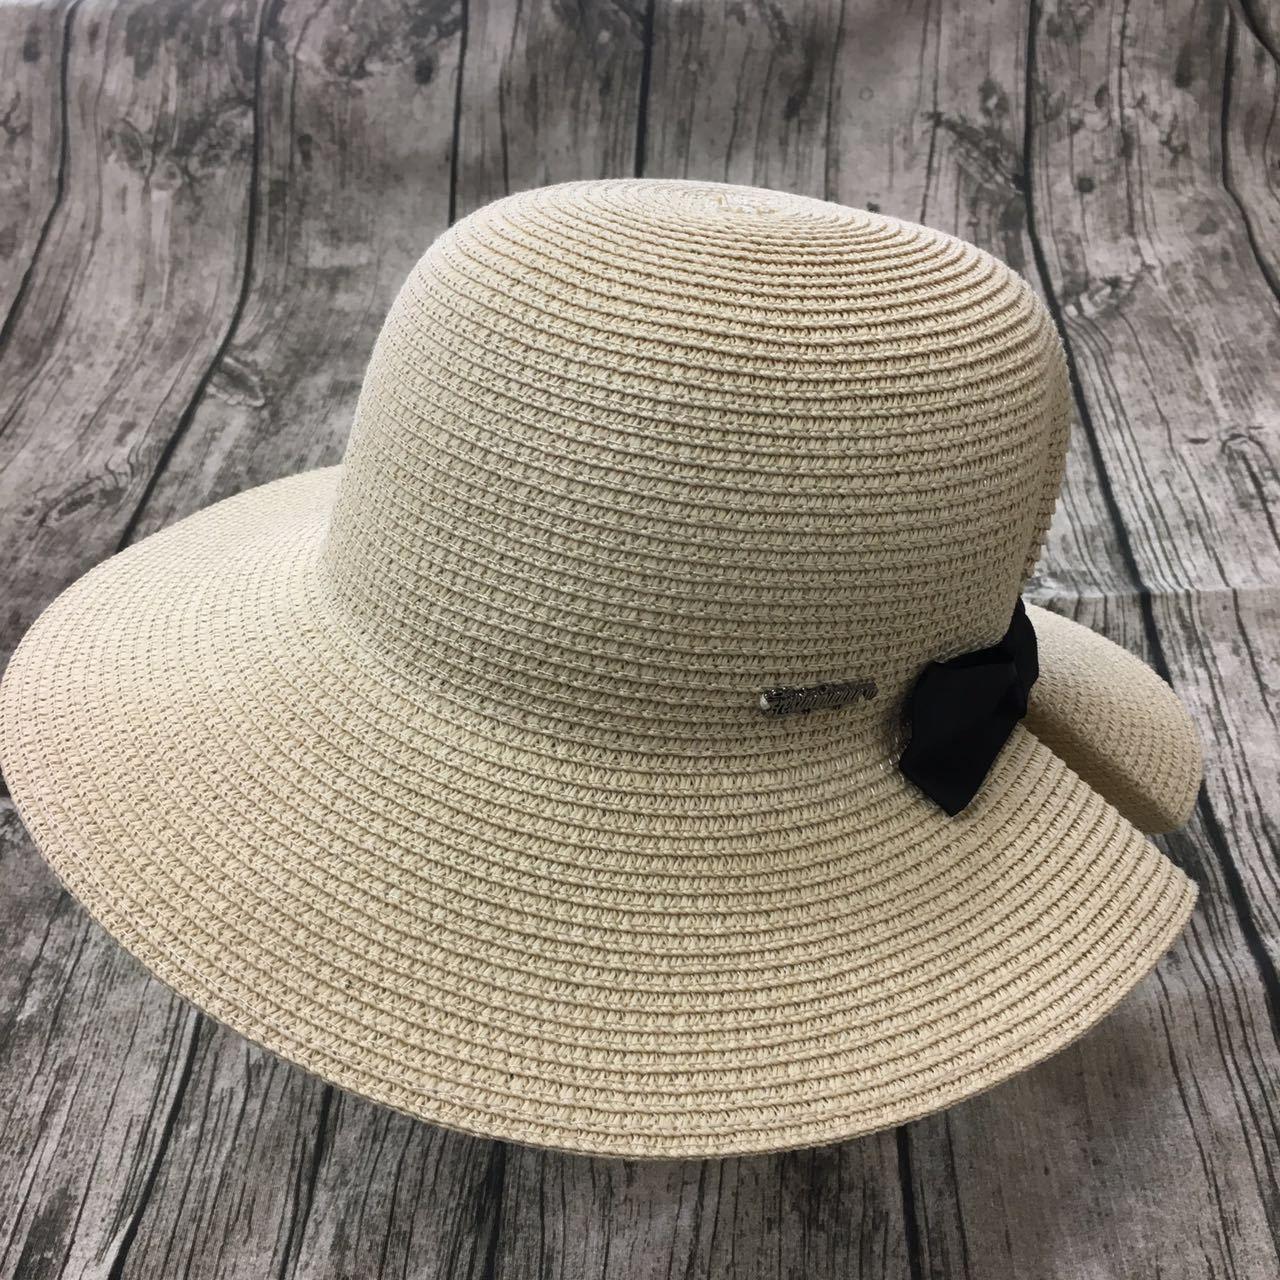 c763ae632df54 Compre Sombrero Playa Adulto Casual Straw Beach Cap Niñas Stetson Sun  Mujeres Sombreros Para Damas Fedora Chapeau Summer Chapeau 2018 A  26.42  Del Vintage66 ...